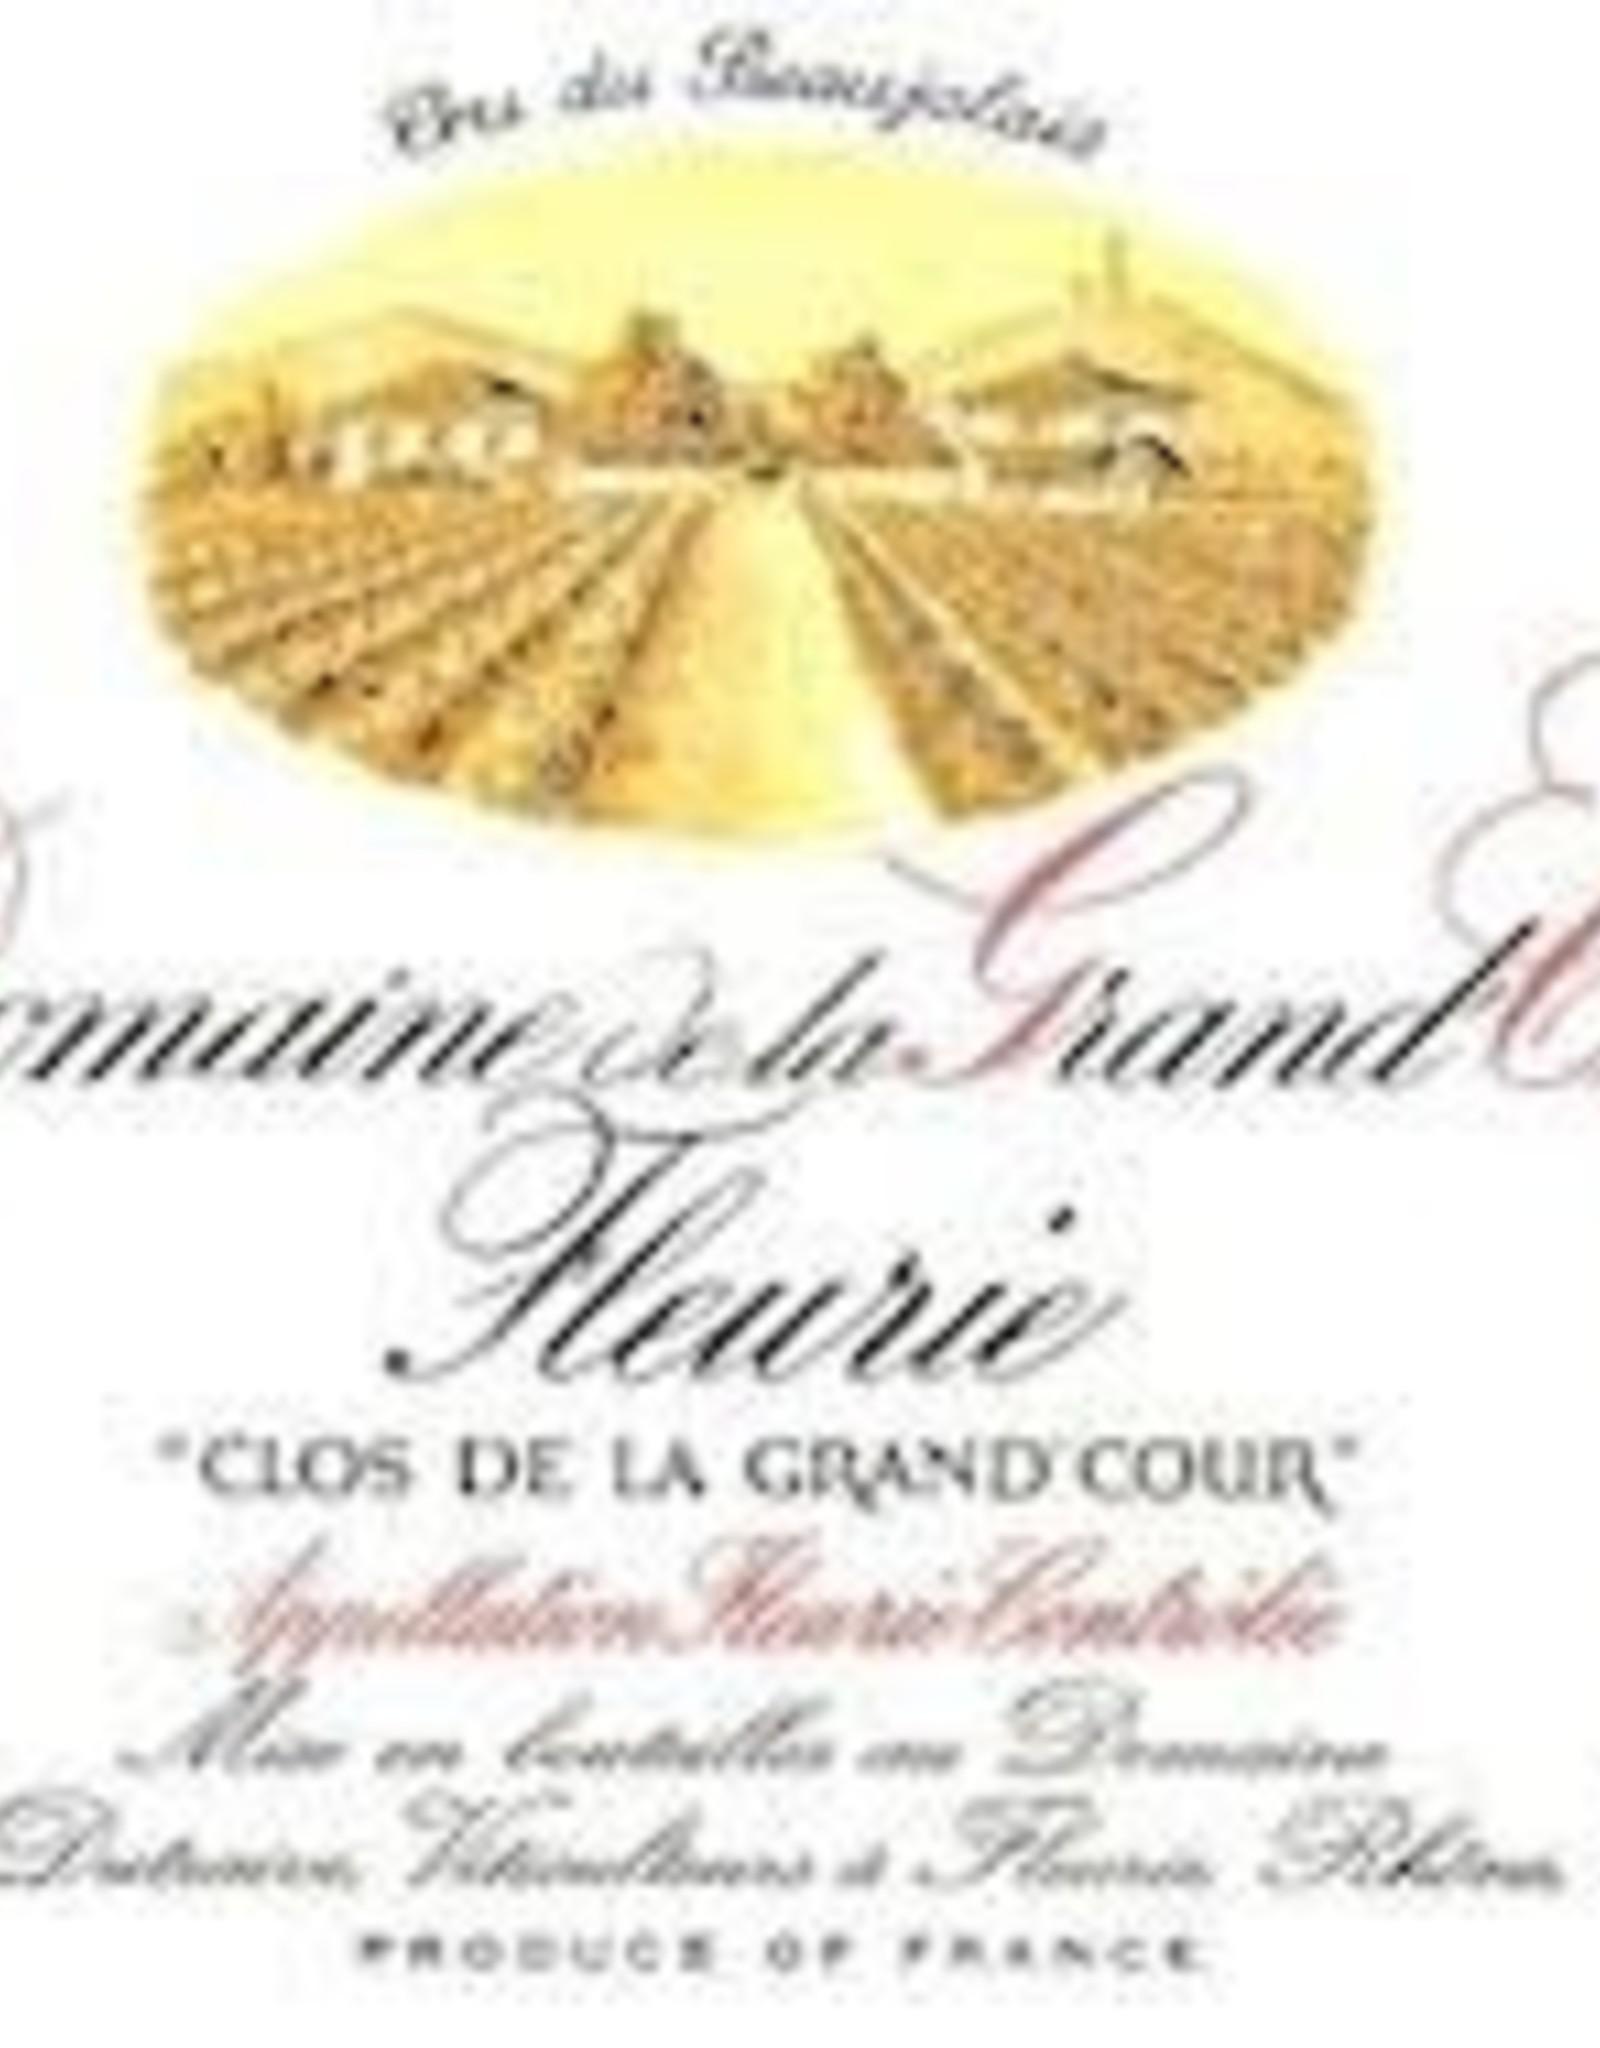 Beaujolais, Fleurie, LE CLOS, Dutraive 2018 (1.5 L)